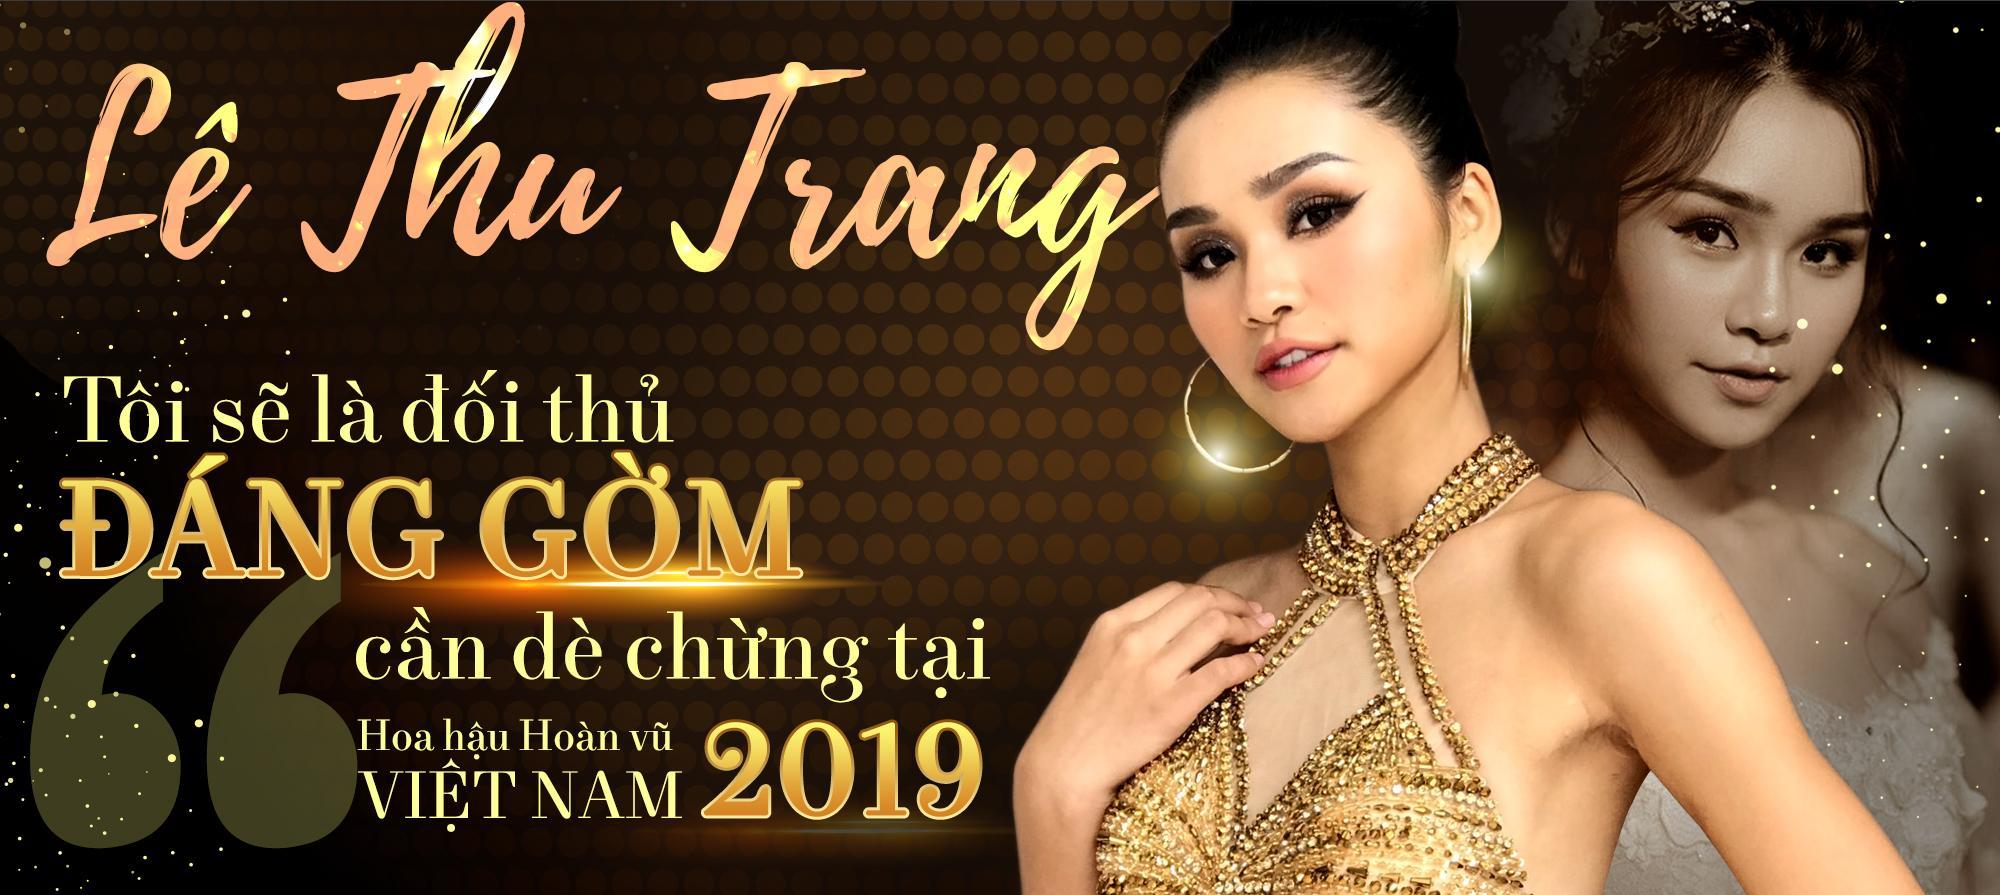 Lê Thu Trang - cô gái đá váy Mâu Thủy: 'Tôi sẽ là đối thủ đáng gờm tại Hoa hậu Hoàn vũ Việt Nam 2019'